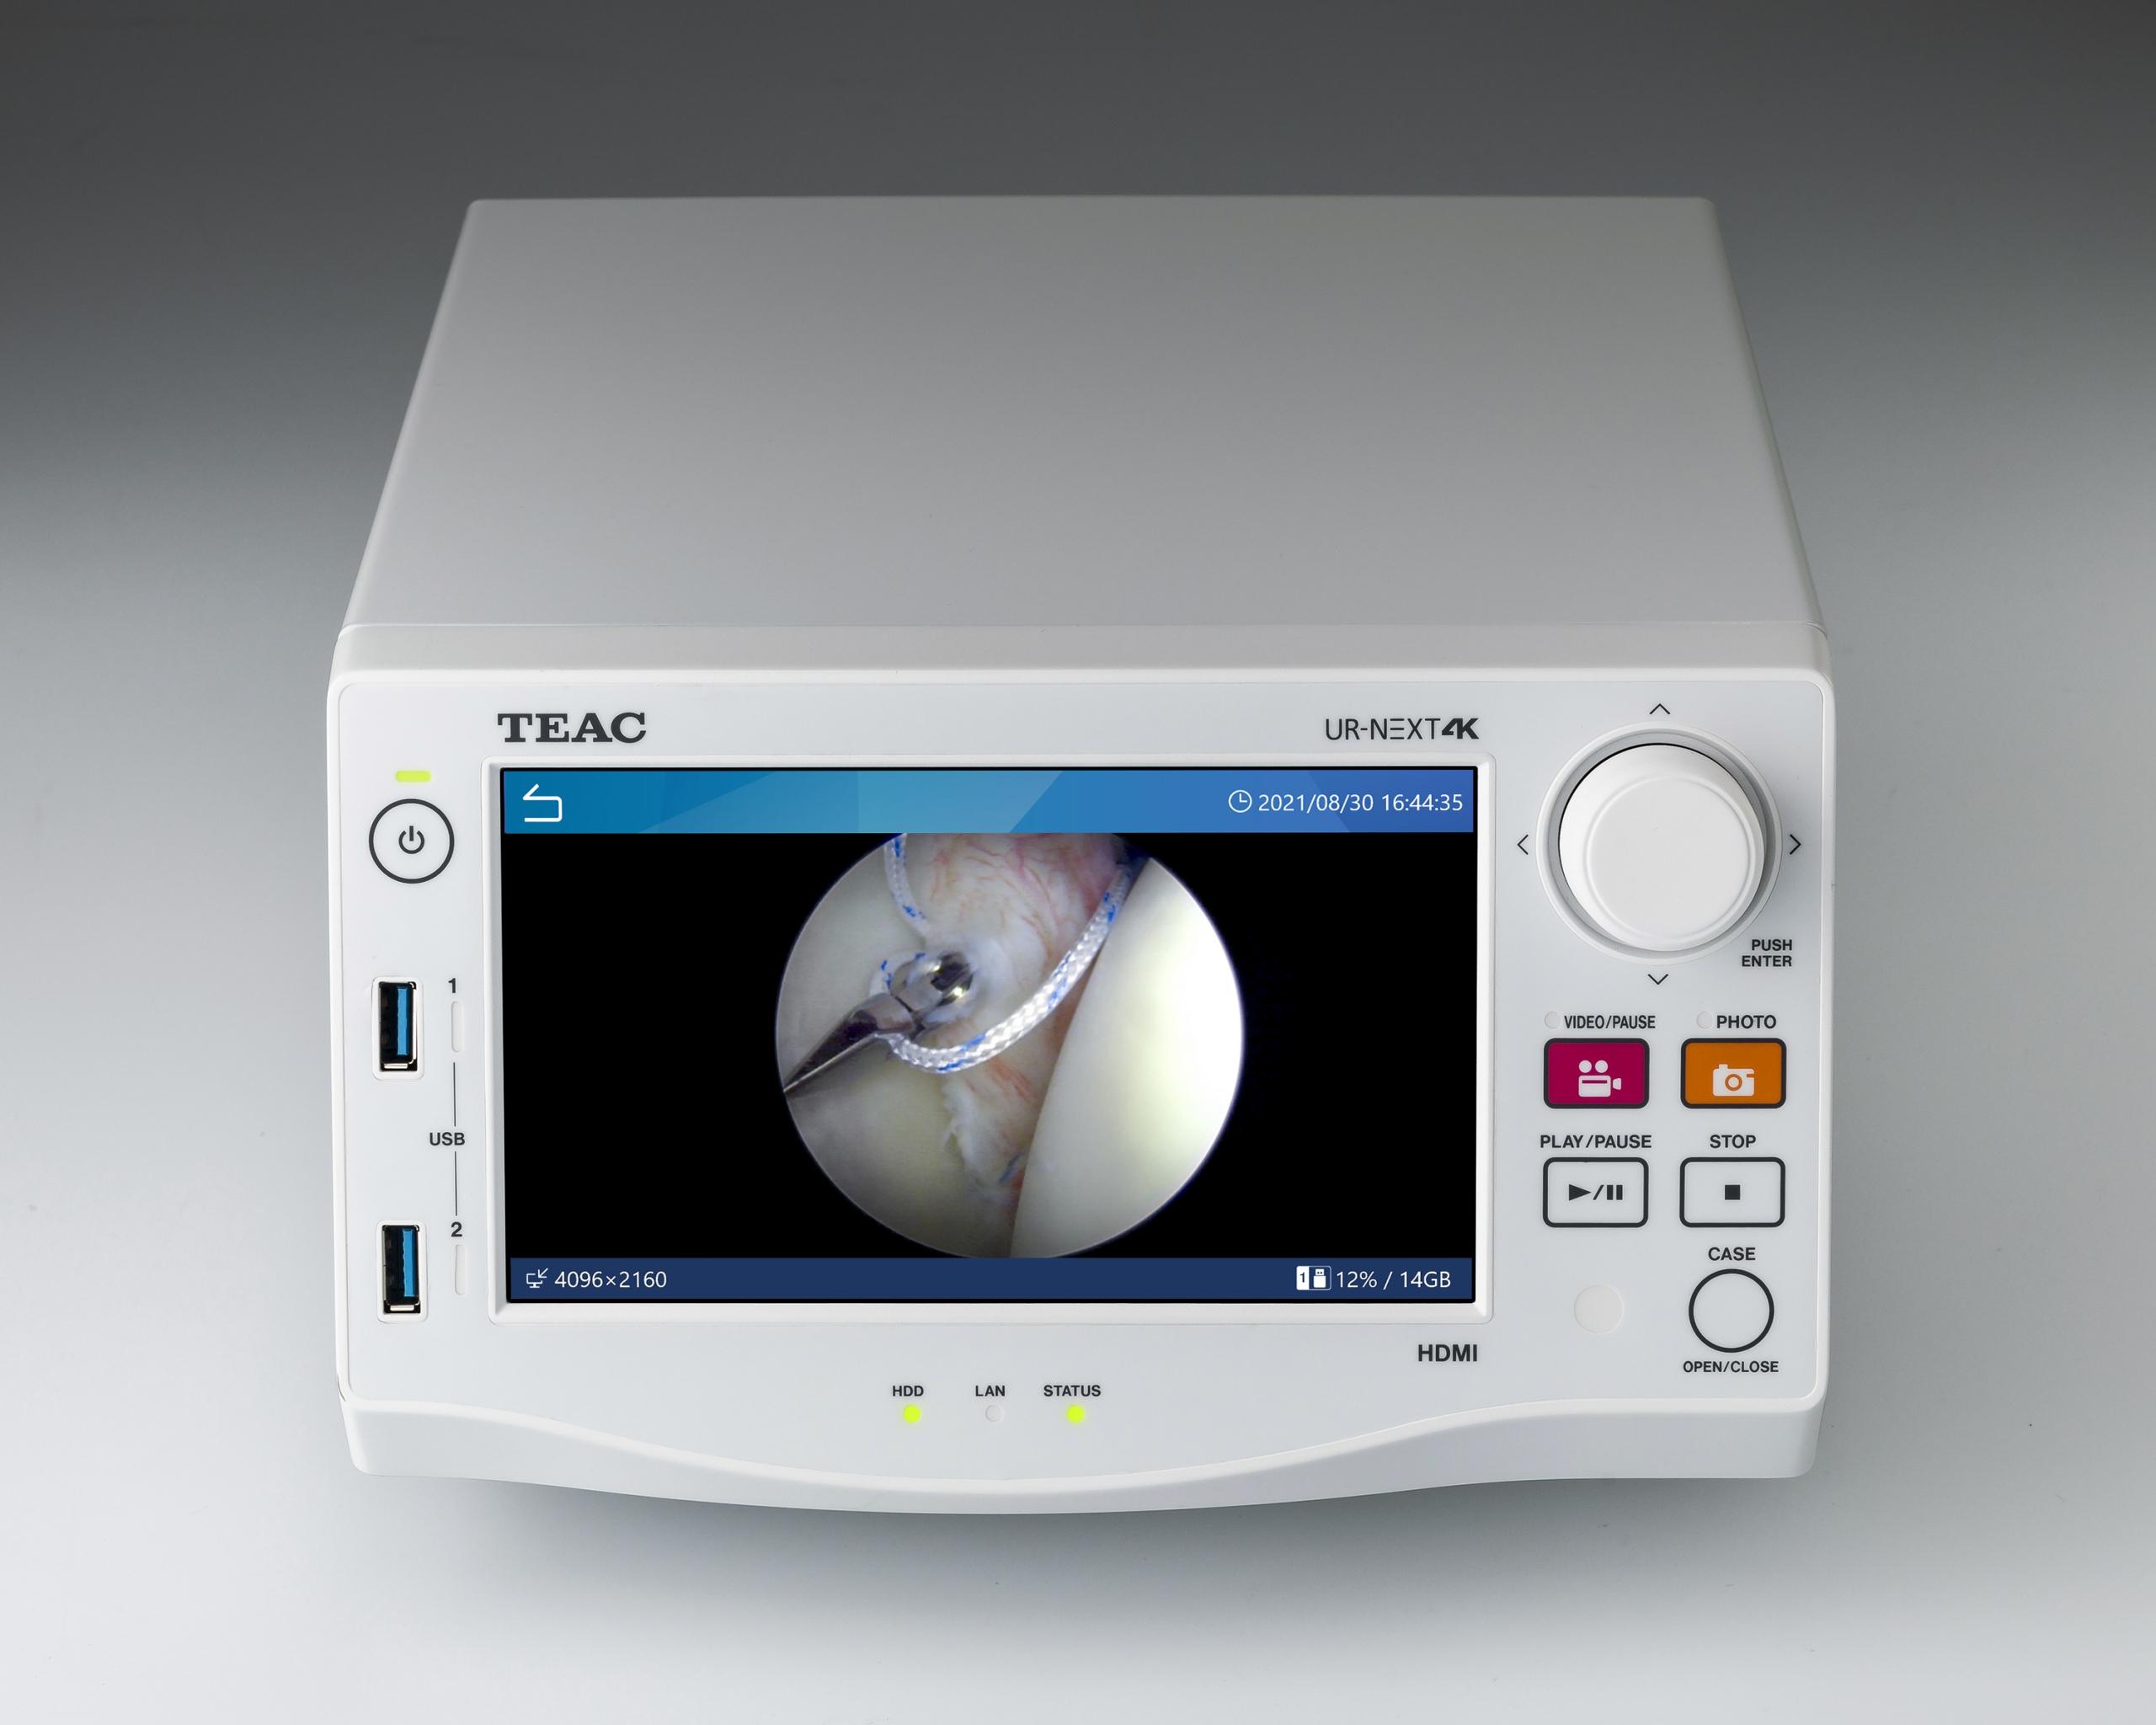 ティアック/内視鏡、手術用顕微鏡の4K映像を記録する4Kメディカルビデオレコーダー『UR-NEXT 4K』を発売